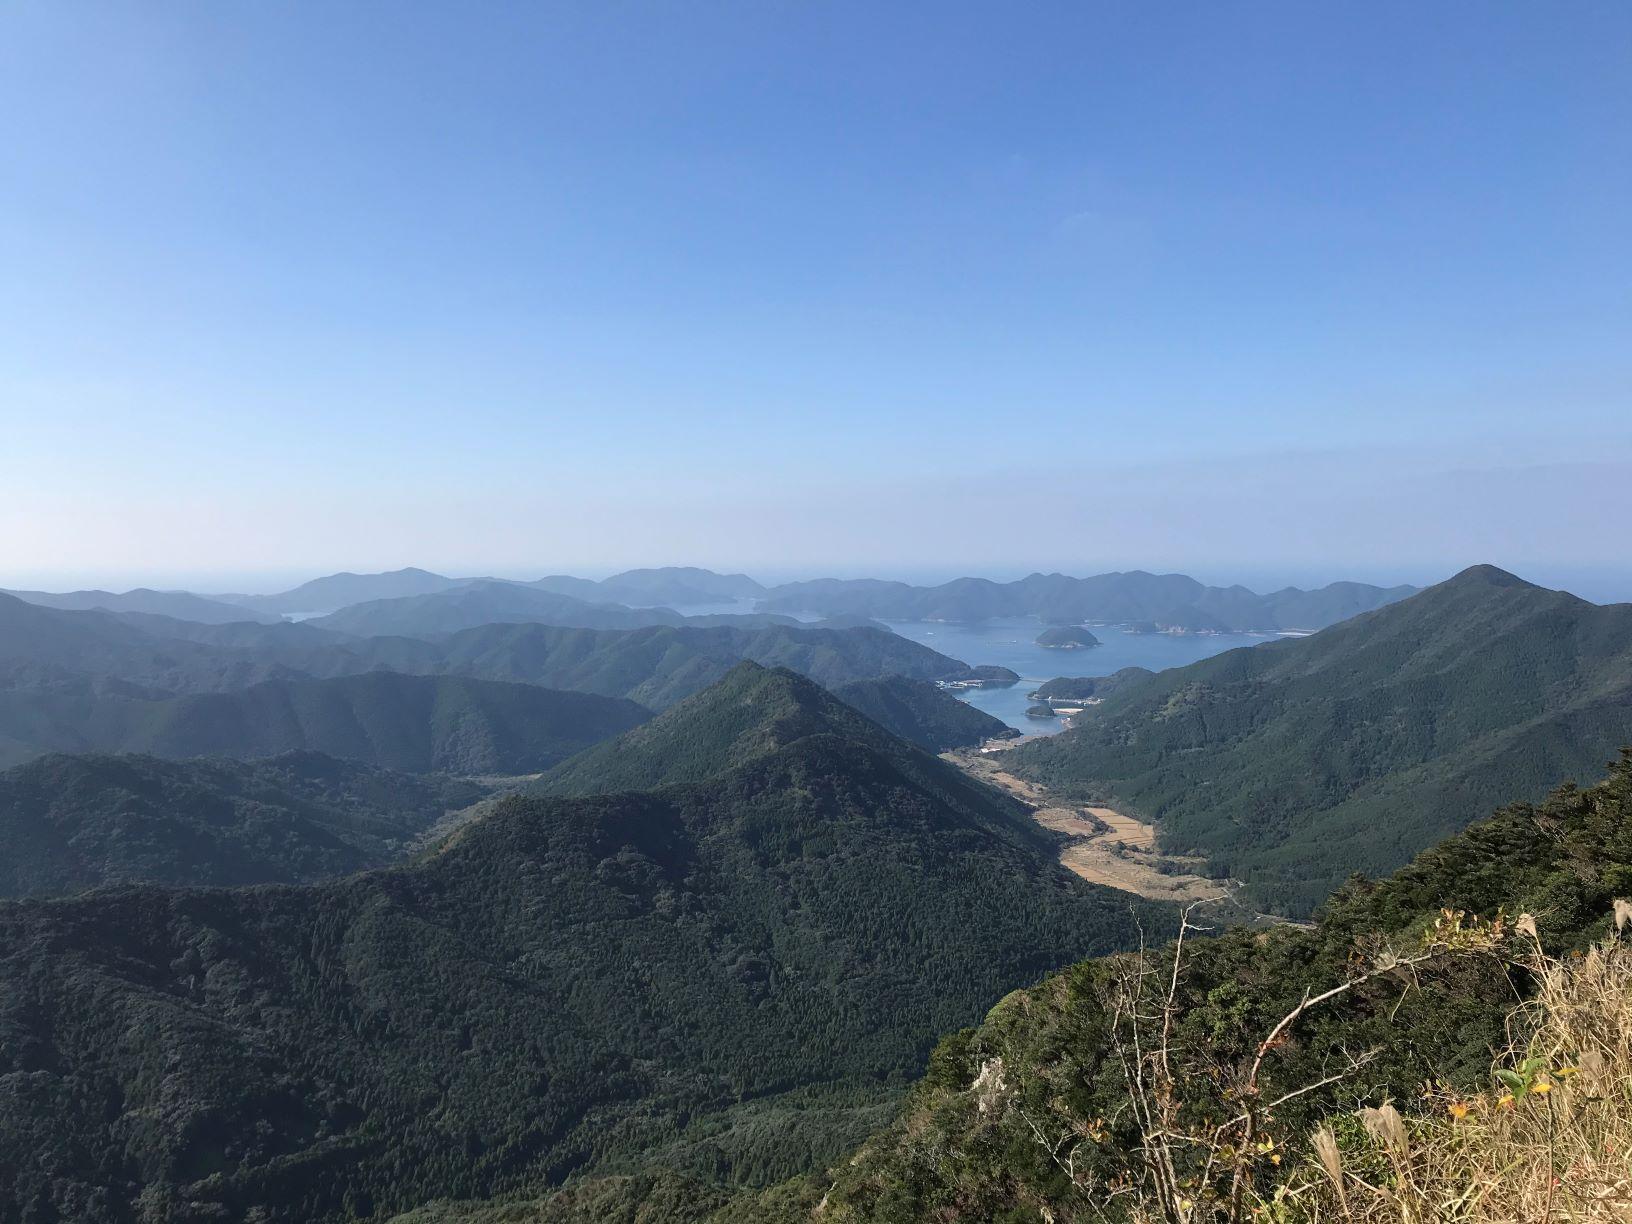 【大募集中】6月17日出発 祈りの島、五島列島の名峰登山とキリシタン物語 3日間